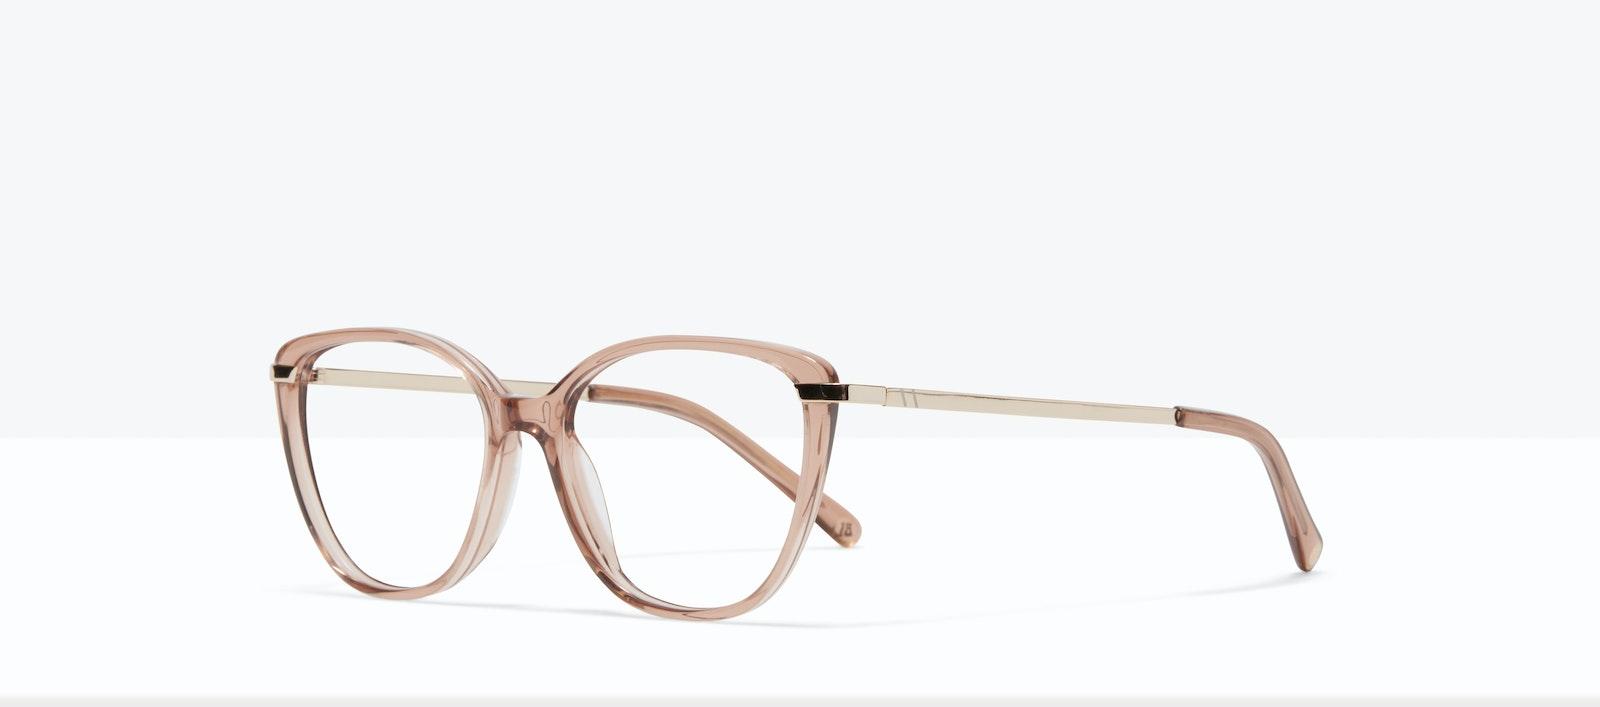 Affordable Fashion Glasses Rectangle Square Eyeglasses Women Illusion XS Rose Tilt